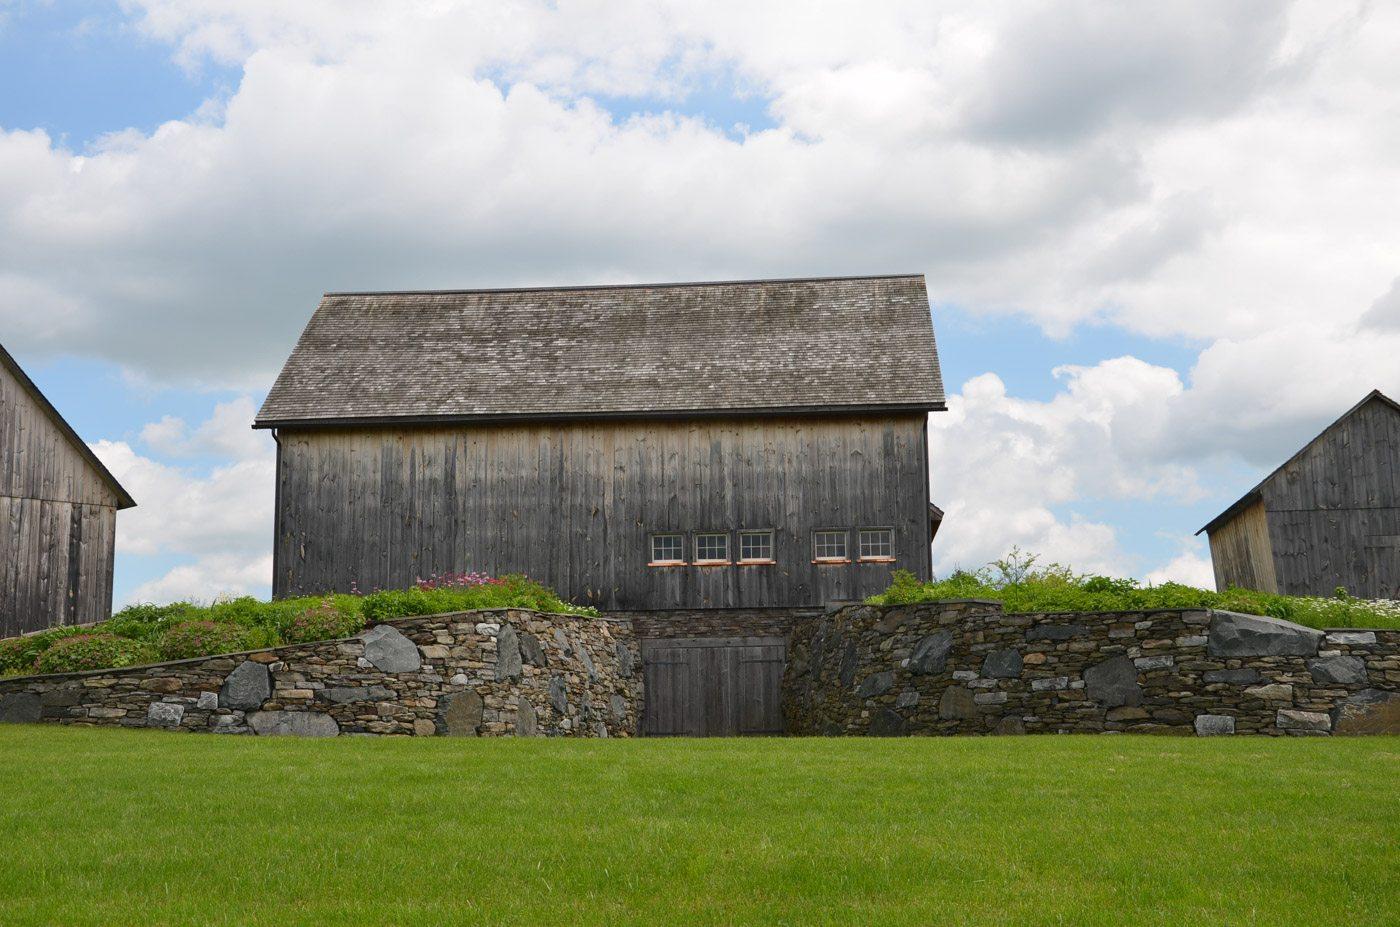 German Barn at Historic Barns of Nipmoose, Photograph by Constance Kheel